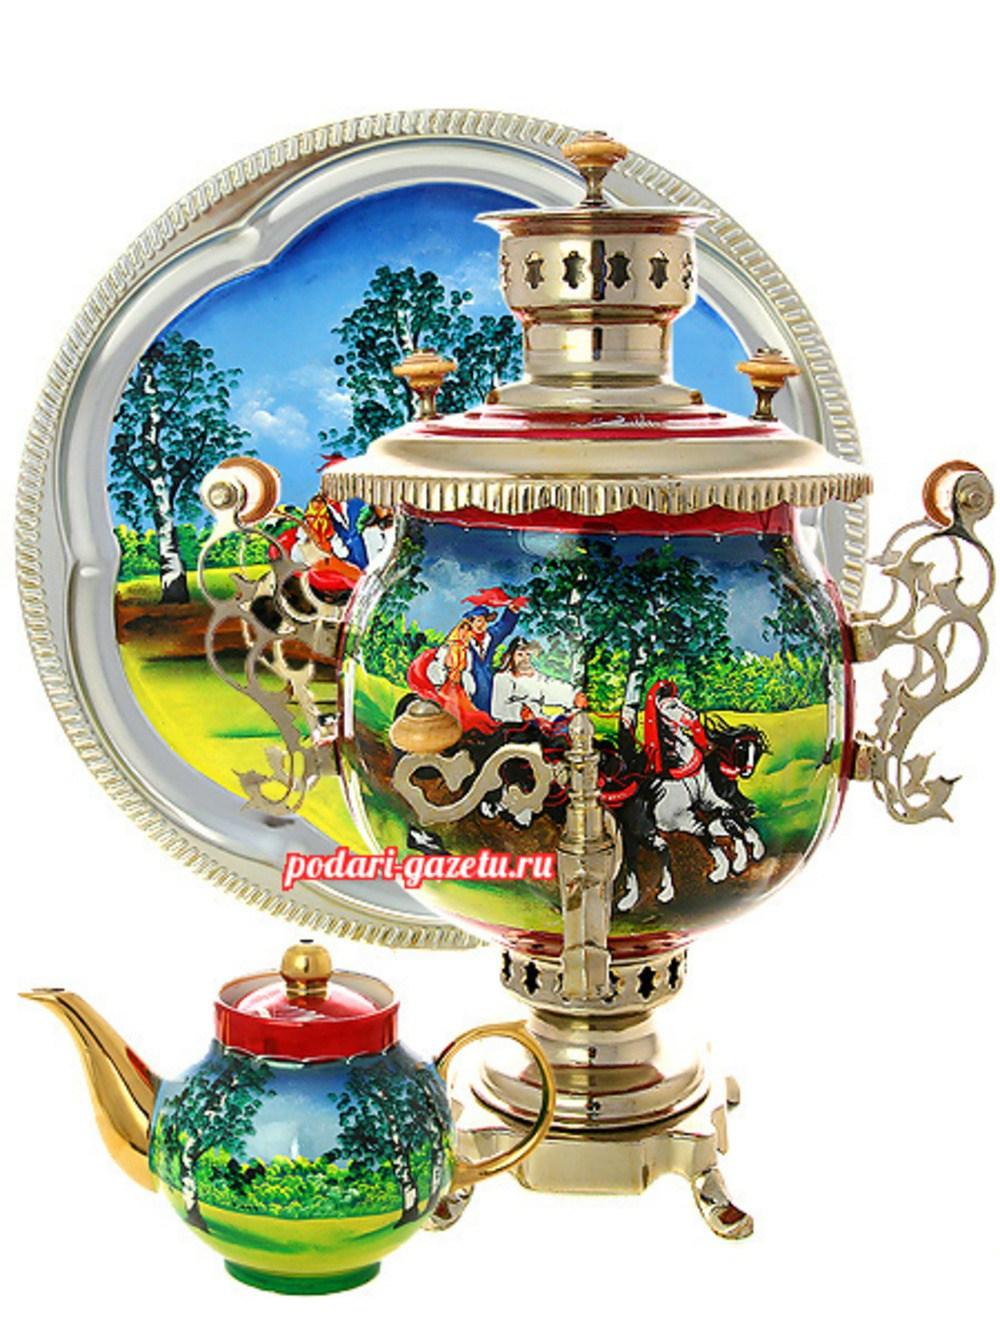 Набор: комбинированный самовар (электрический/угольный) на 4,5 литра с художественной росписью Тройка